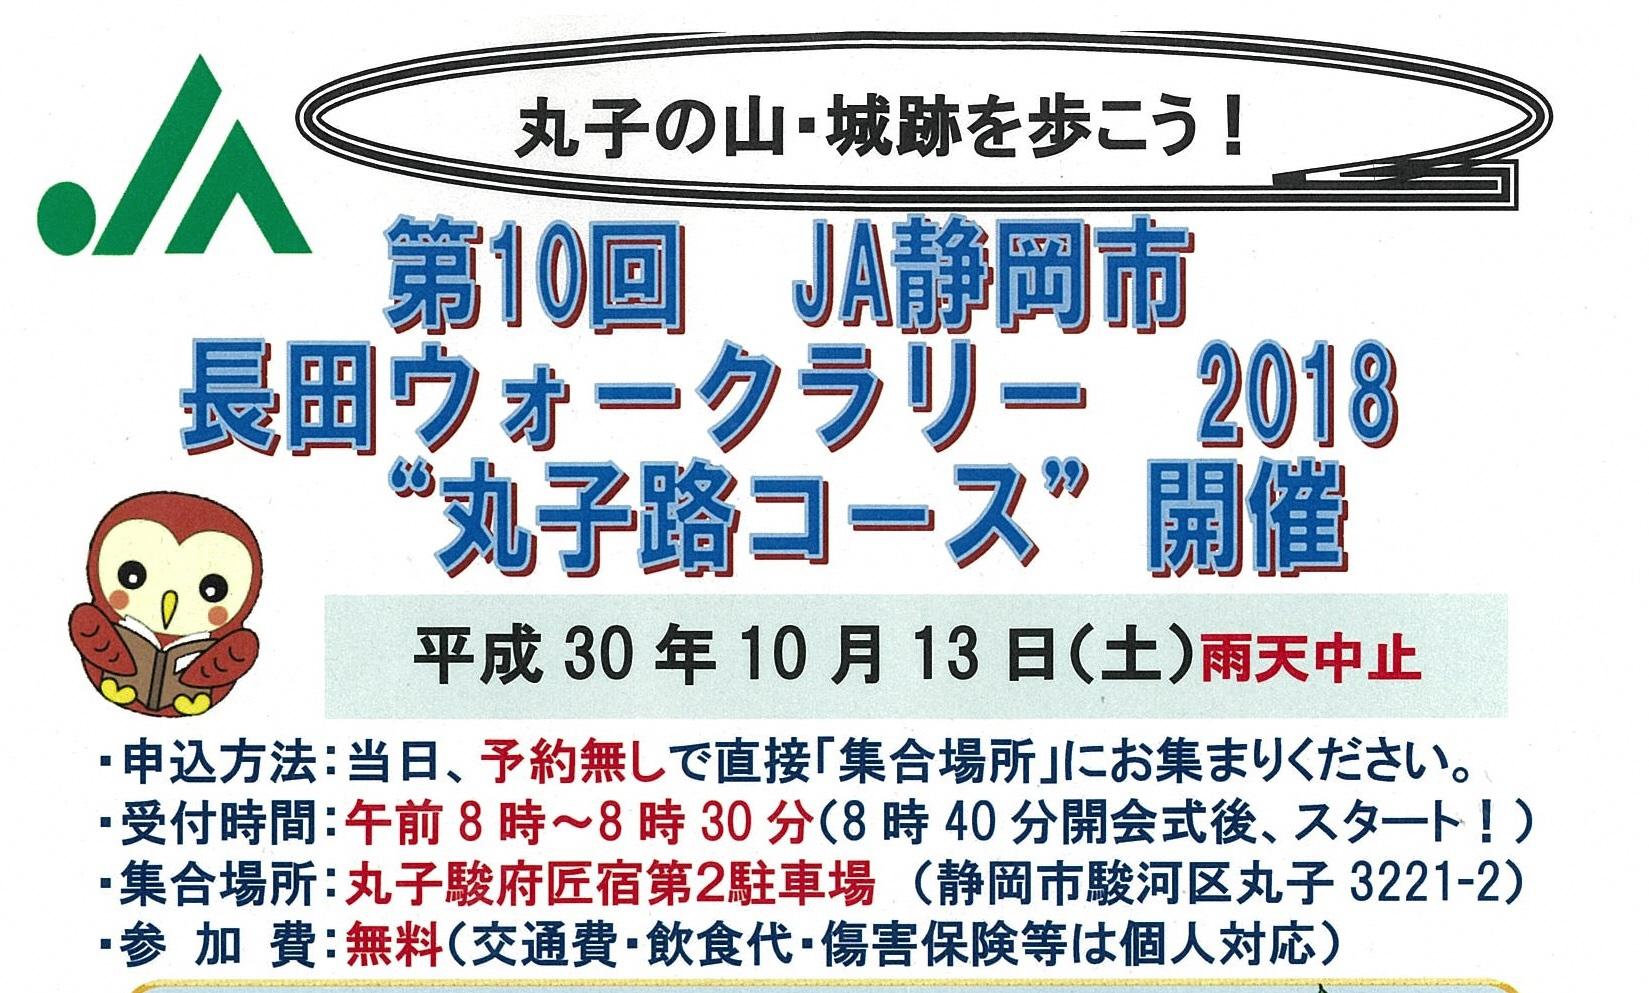 「第10回JA静岡市長田ウォークラリー 2018」が開催されます!